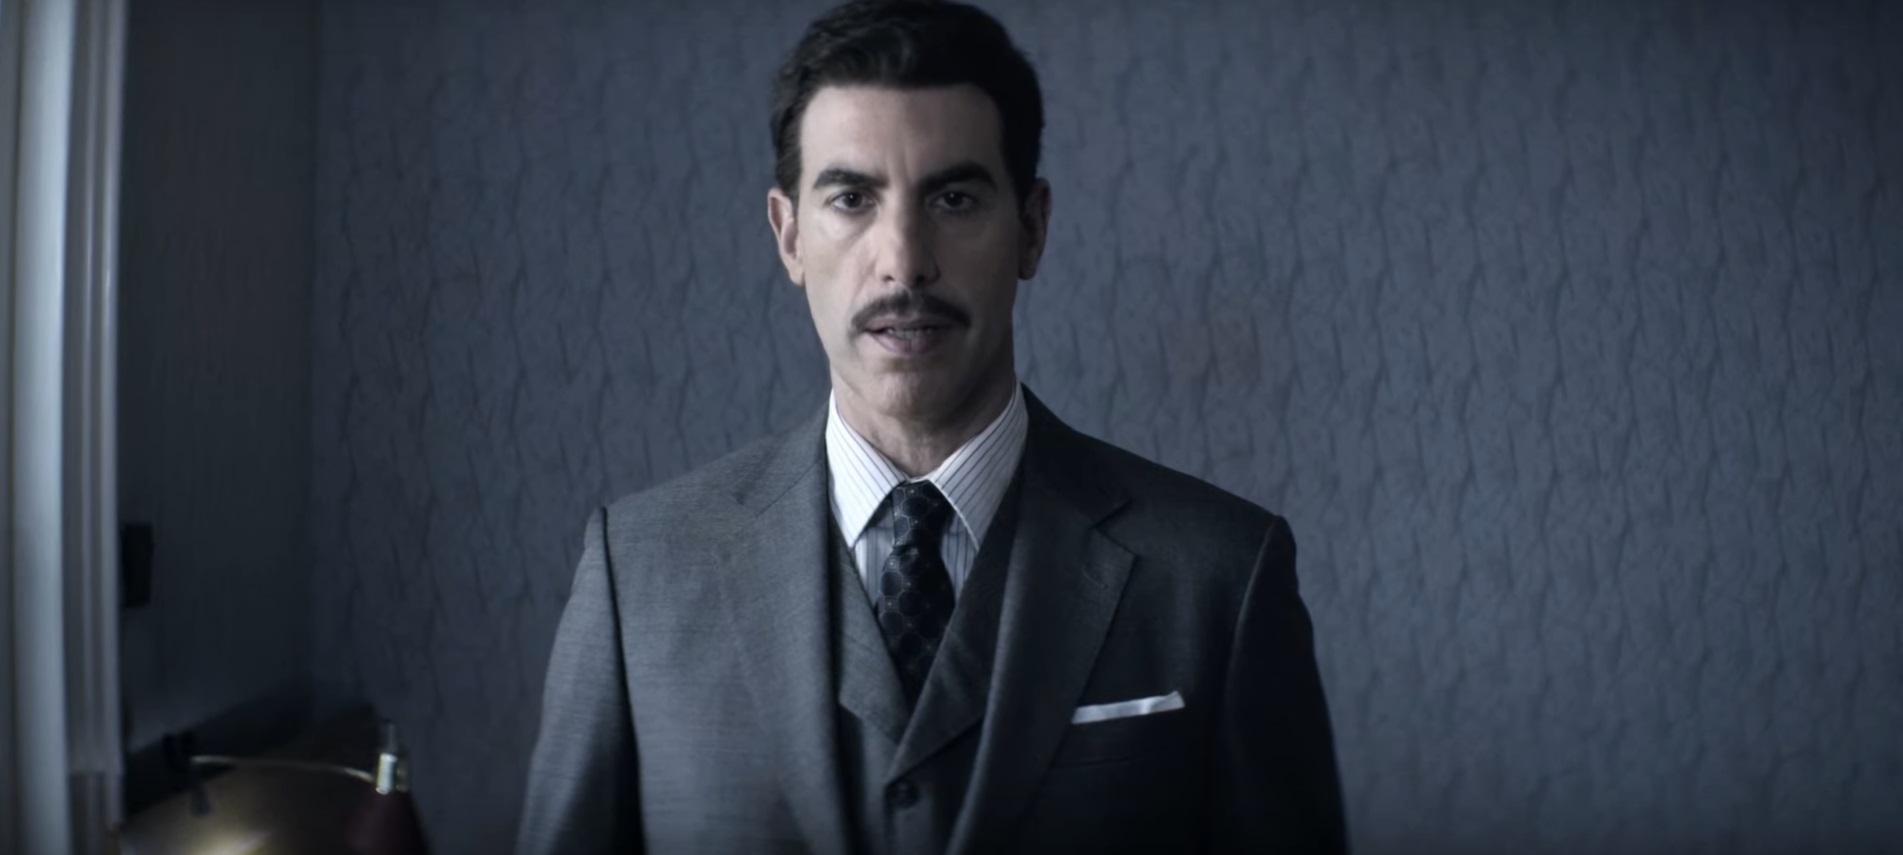 The Spy - zwiastun serialu Netflixa. Za sterami twórca pierwowzoru Homeland